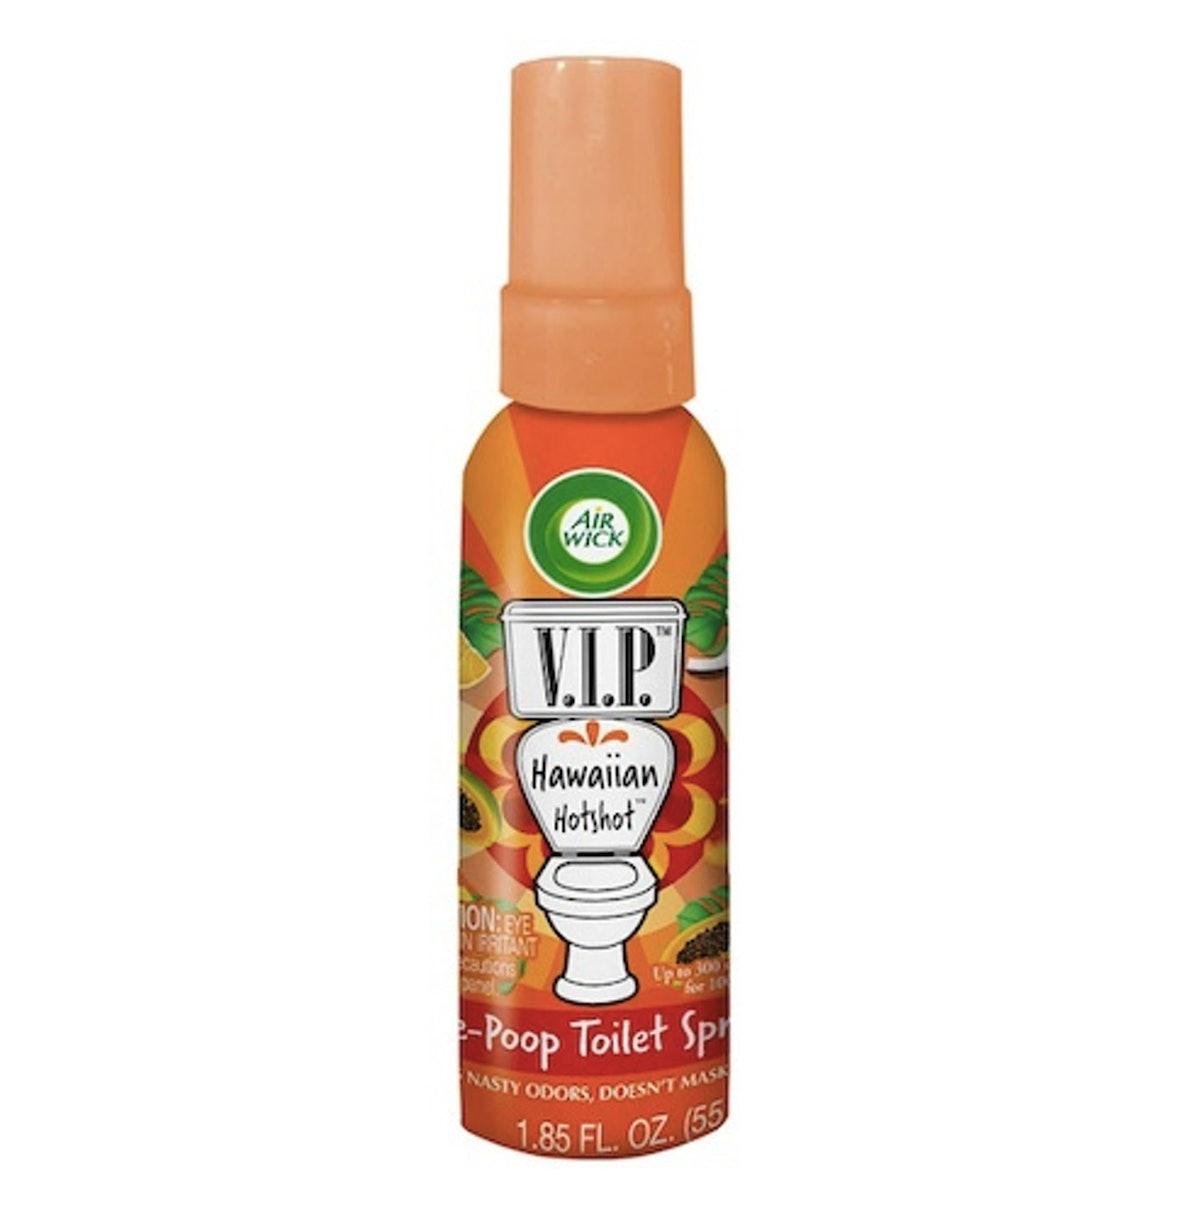 Air Wick V.I.P. Pre-Poop Toilet Spray